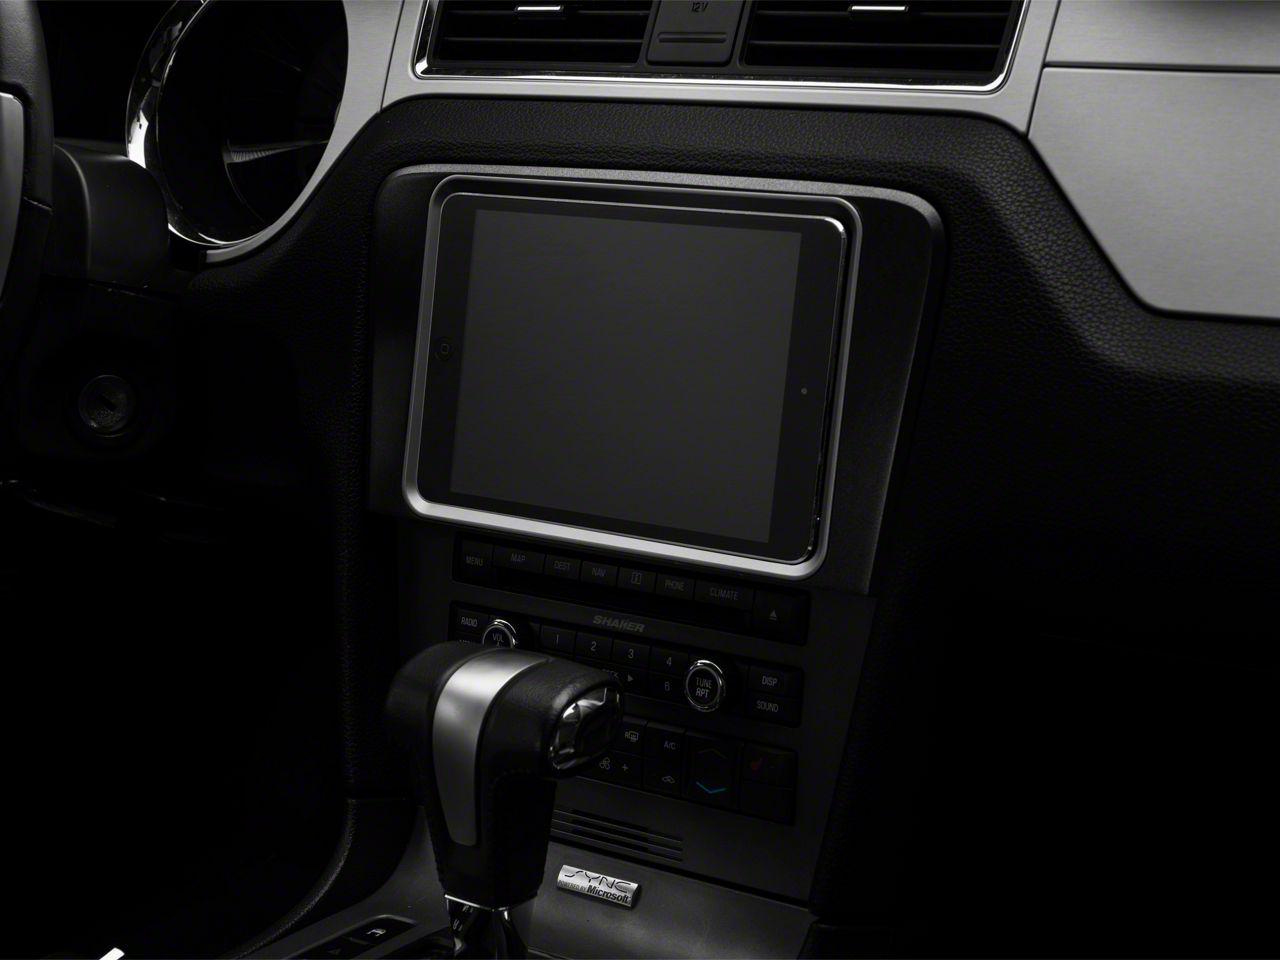 Alterum iPad Dash Kit - Mini 4 (10-14 All)